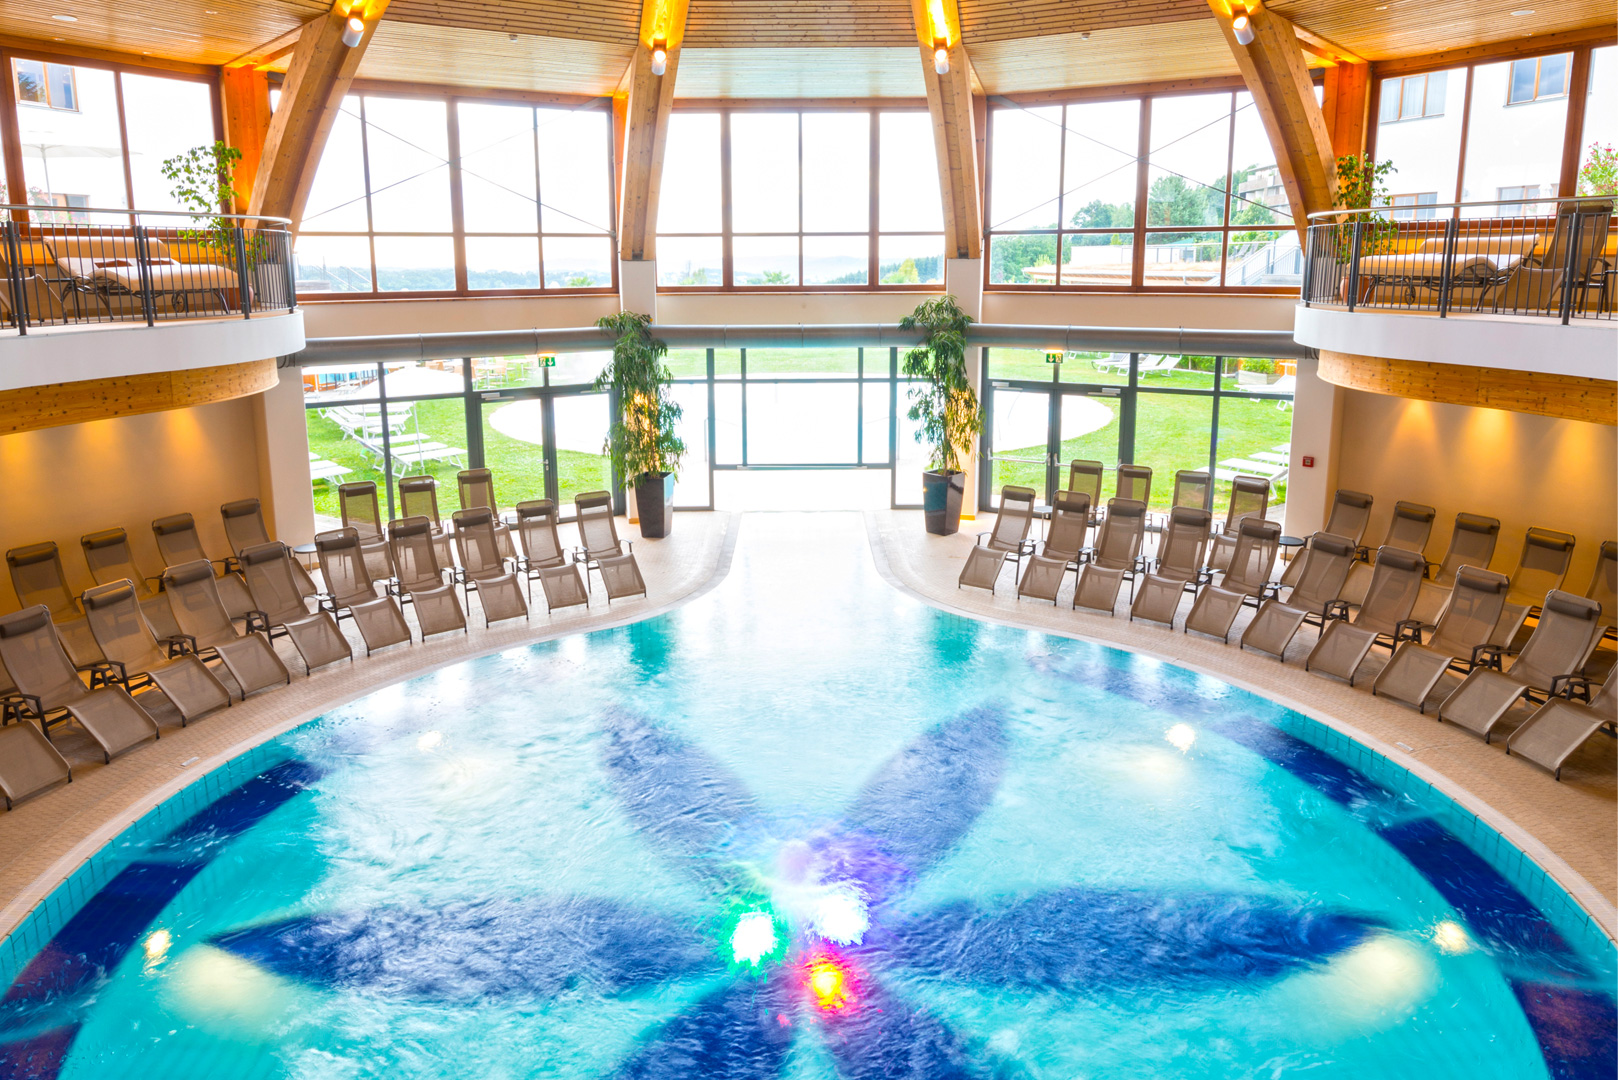 therme-innen-pool-larimar-_-hotel-larimar_-bernhard-bergmann.jpg